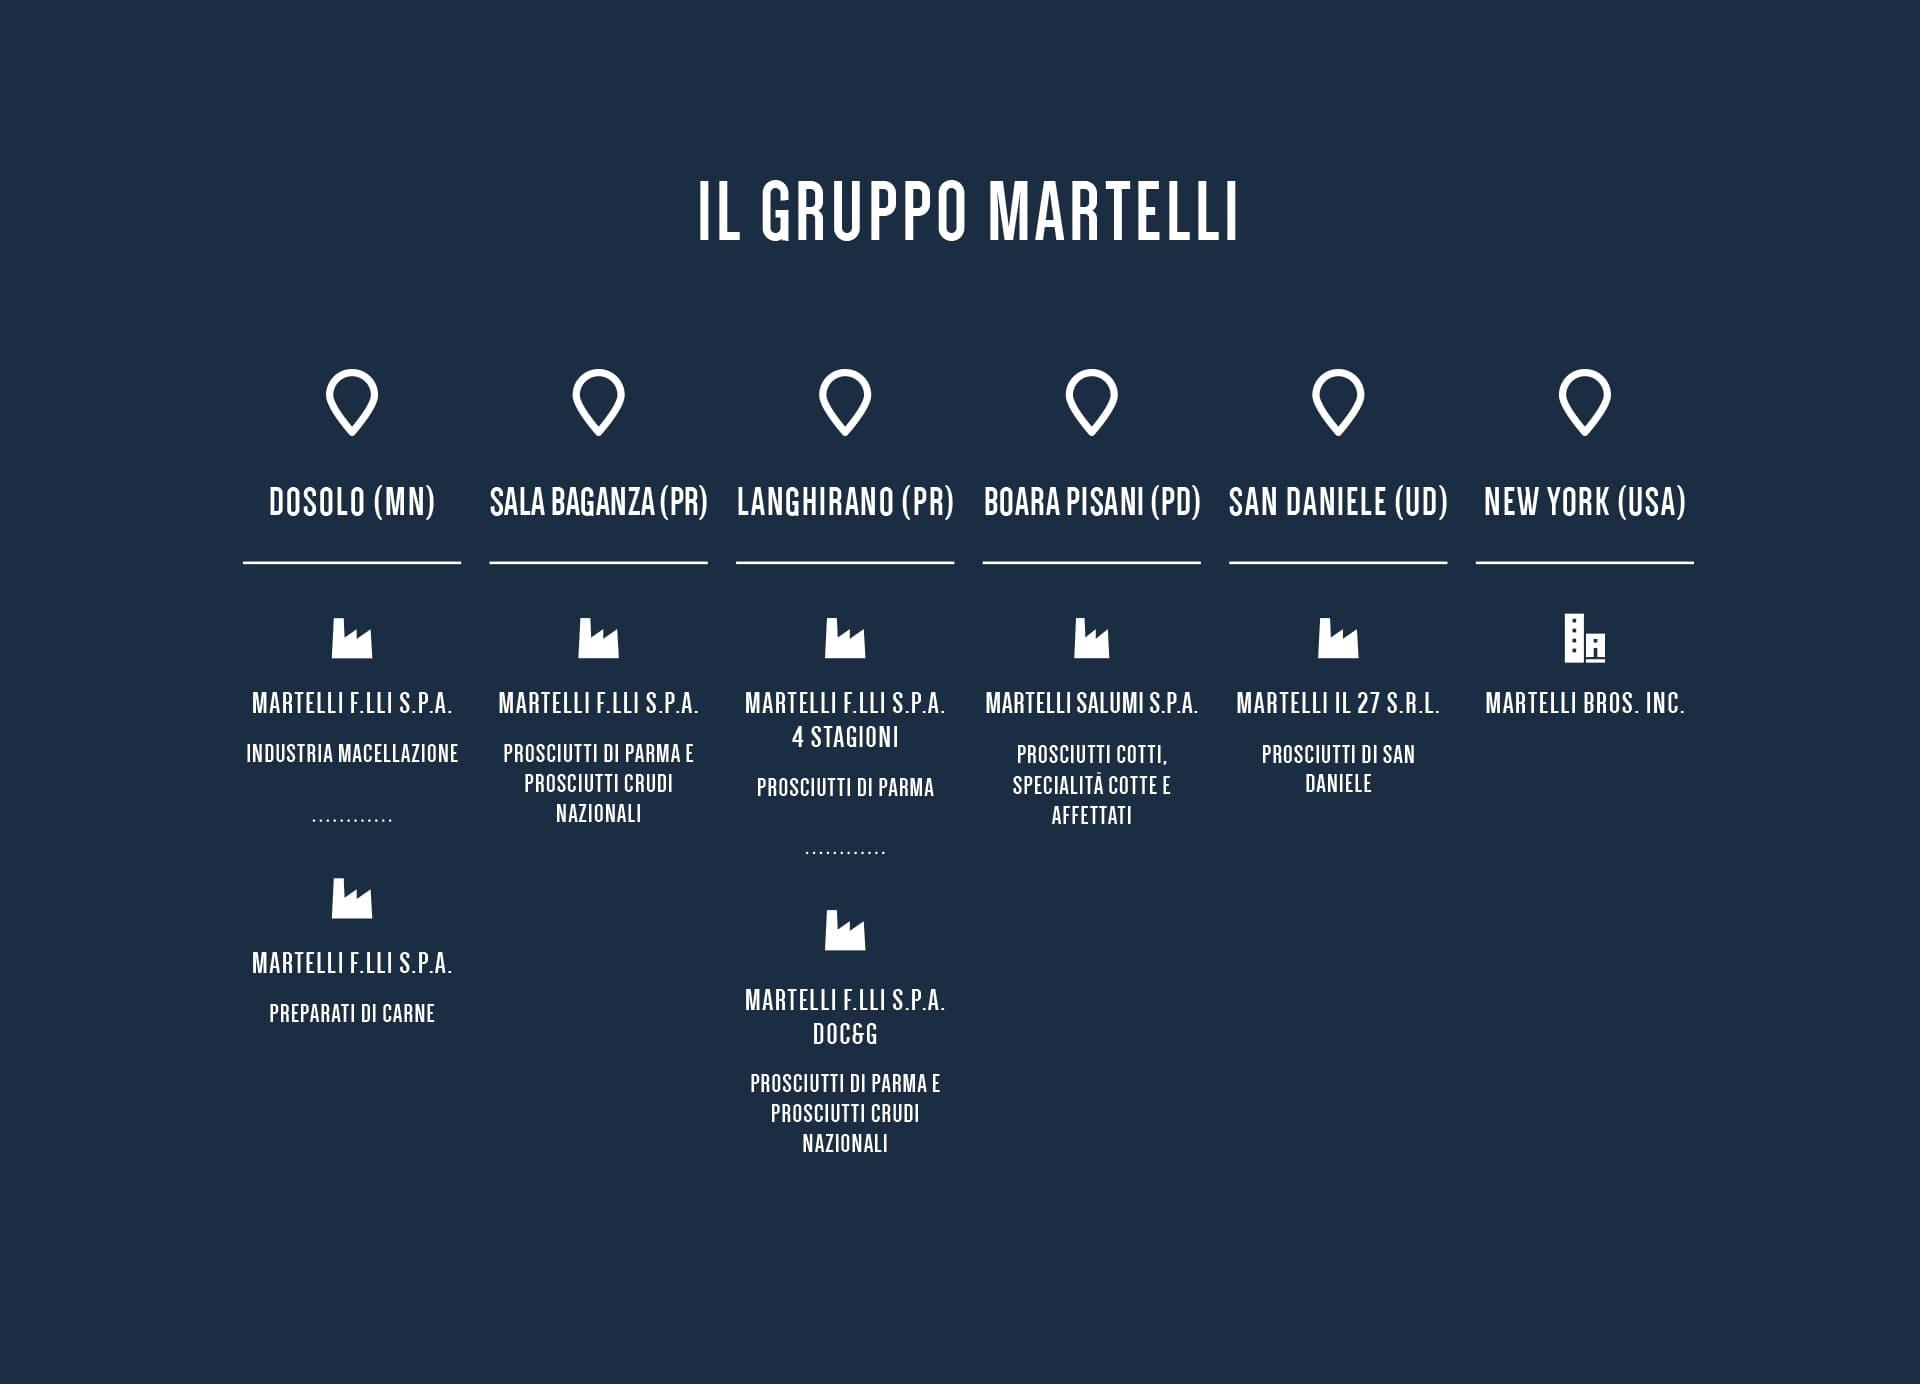 Il Gruppo Martelli: azienda